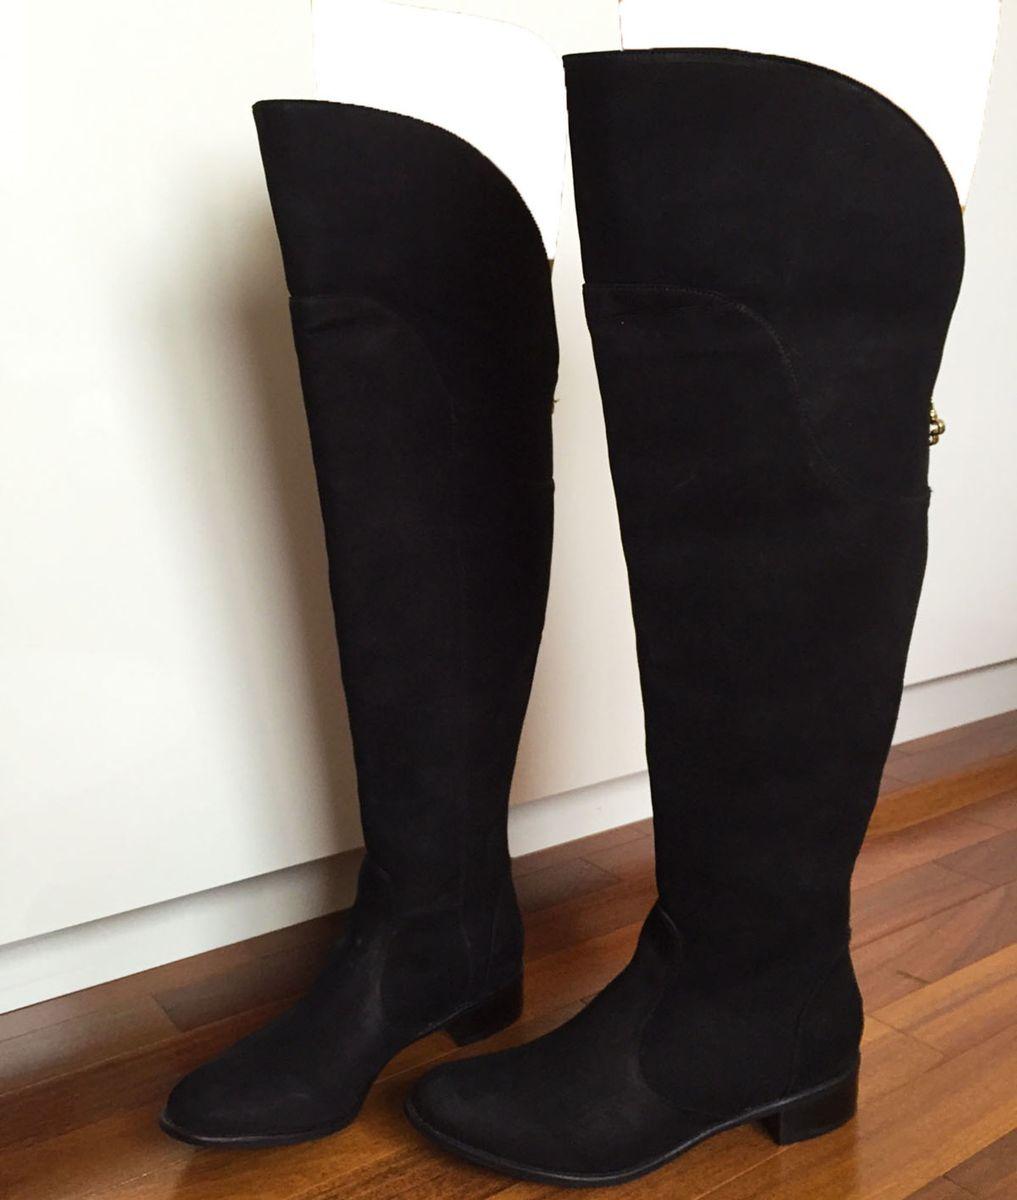 b63446f94 ... em nobuck preto - capodarte - botas capodarte.  Czm6ly9wag90b3muzw5qb2vplmnvbs5ici9wcm9kdwn0cy84nzm5otevyzvinwnkyjhhmddjnjfky2u0odk3zwfhyjbhzjbmnzguanbn